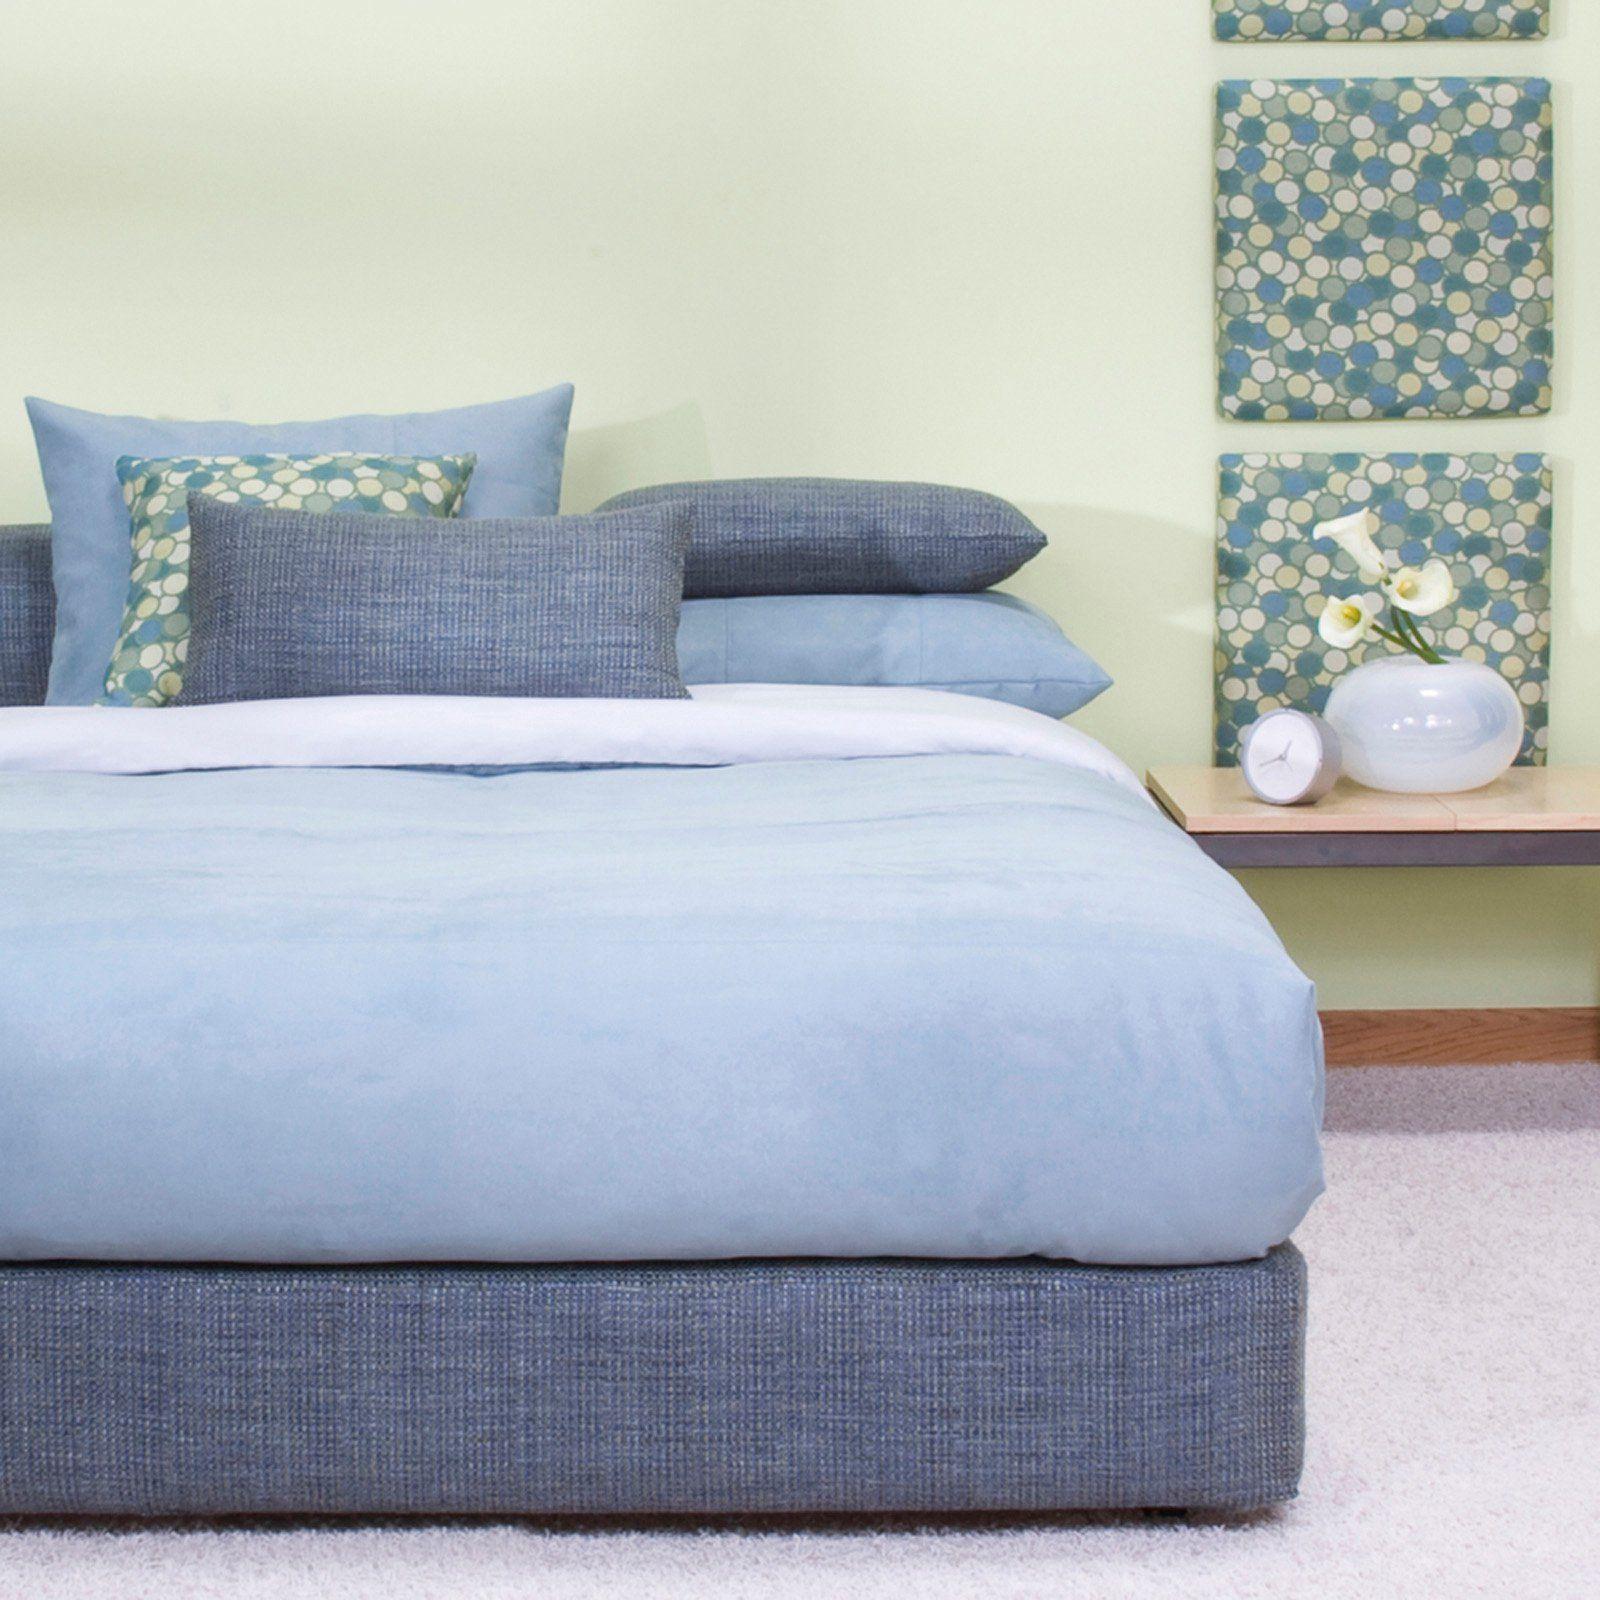 Elizabeth Austin Platform Bed Kit and Cover 240191S